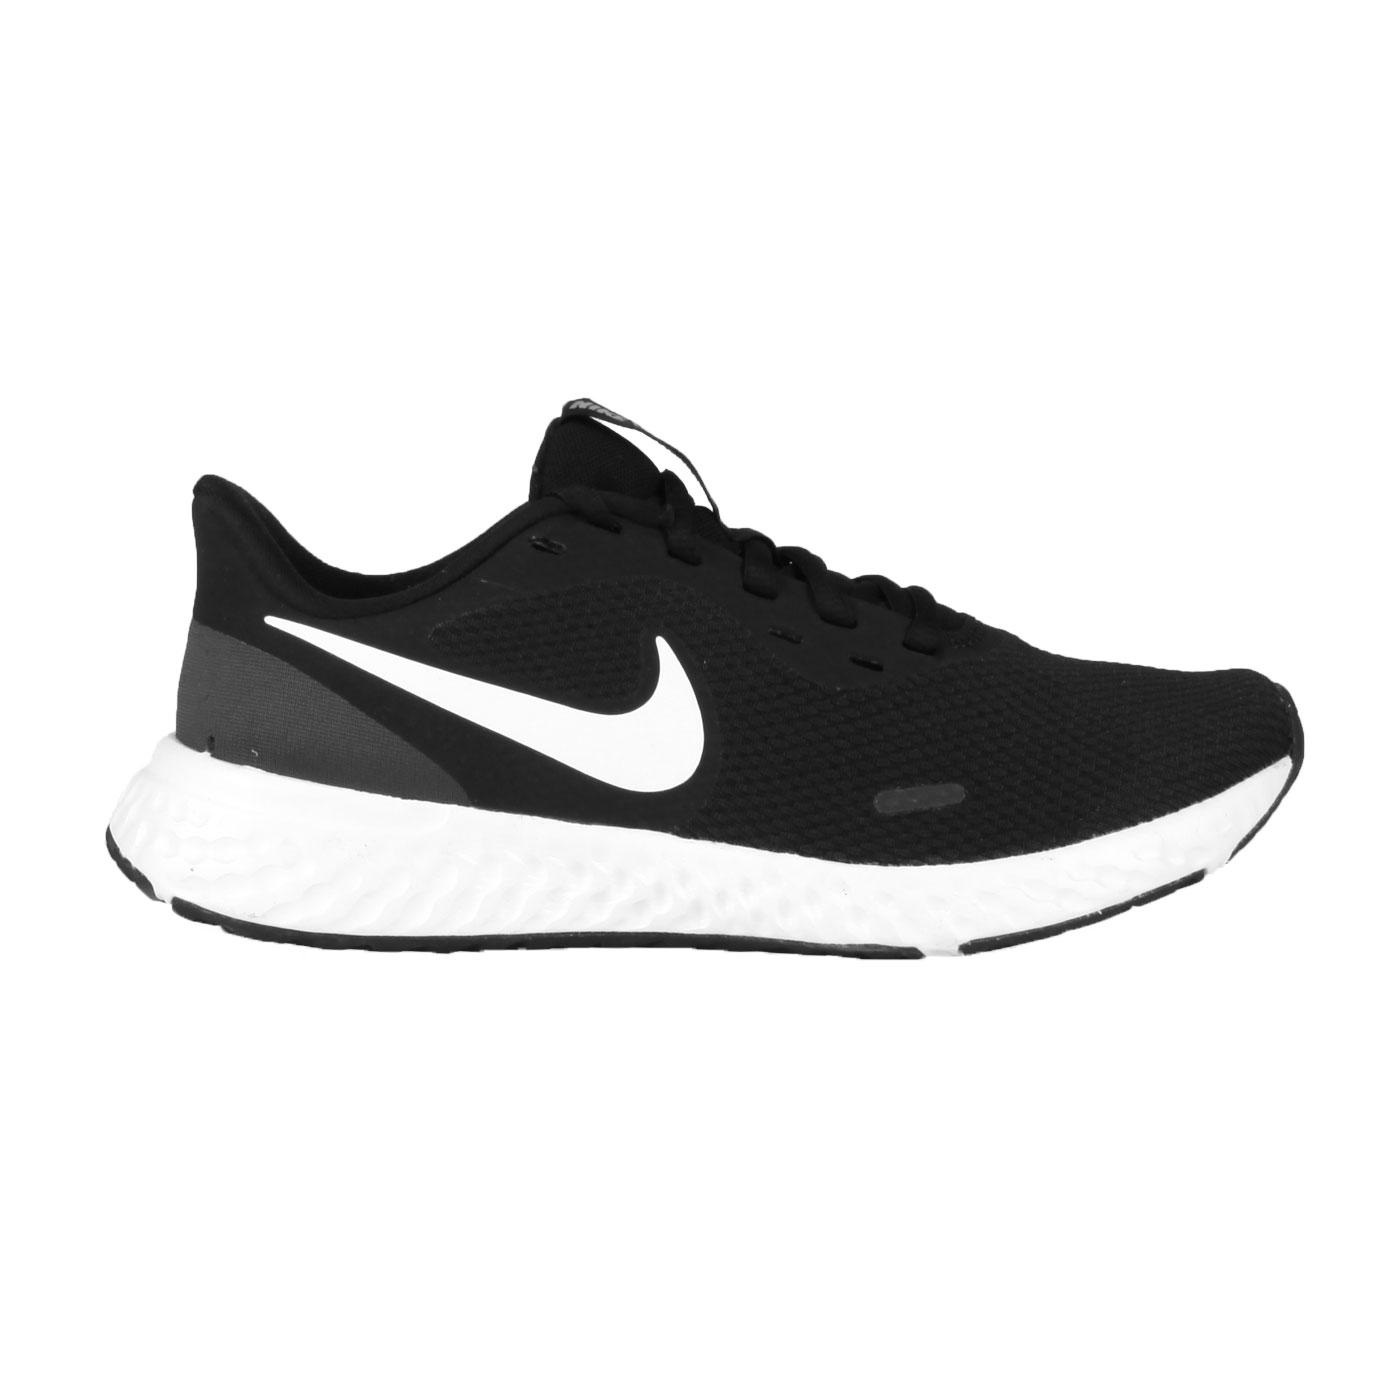 NIKE 女款慢跑鞋  @WMNS REVOLUTION 5@BQ3207002 - 黑白